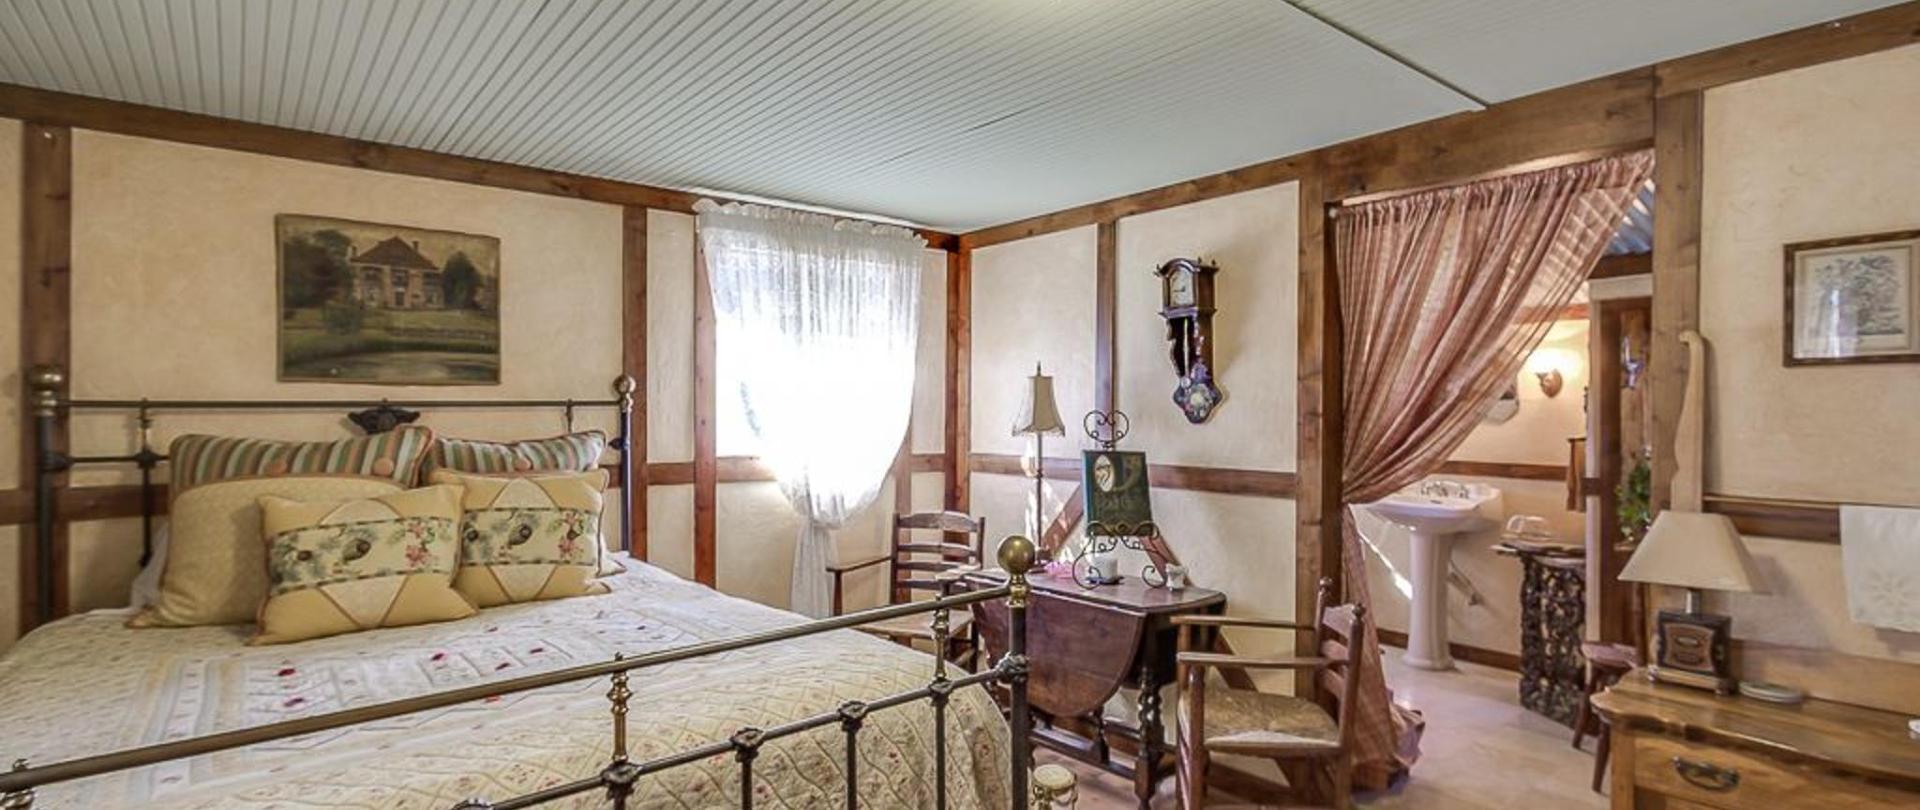 the last sophie room 1.JPG